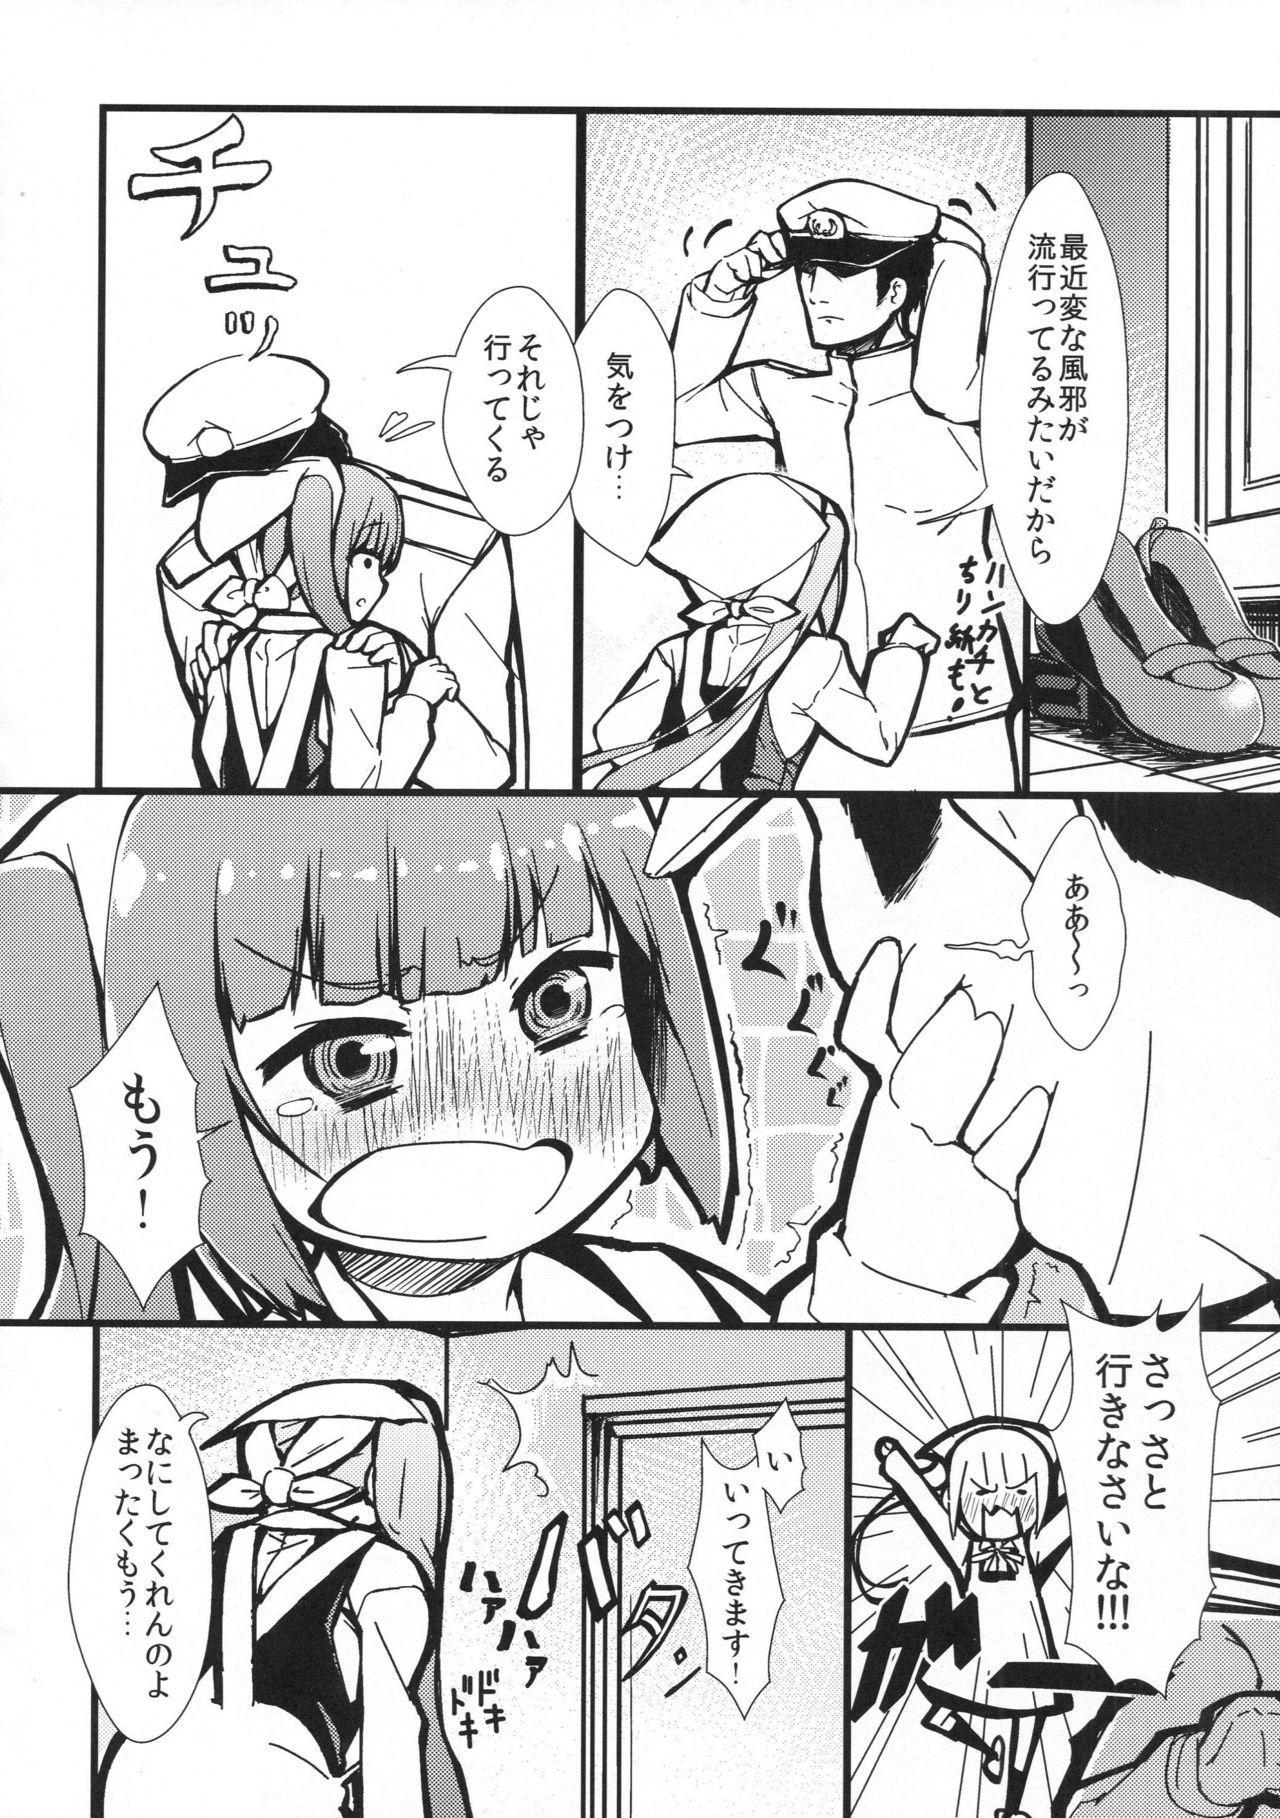 Kasumi to Sukebe shitai 2